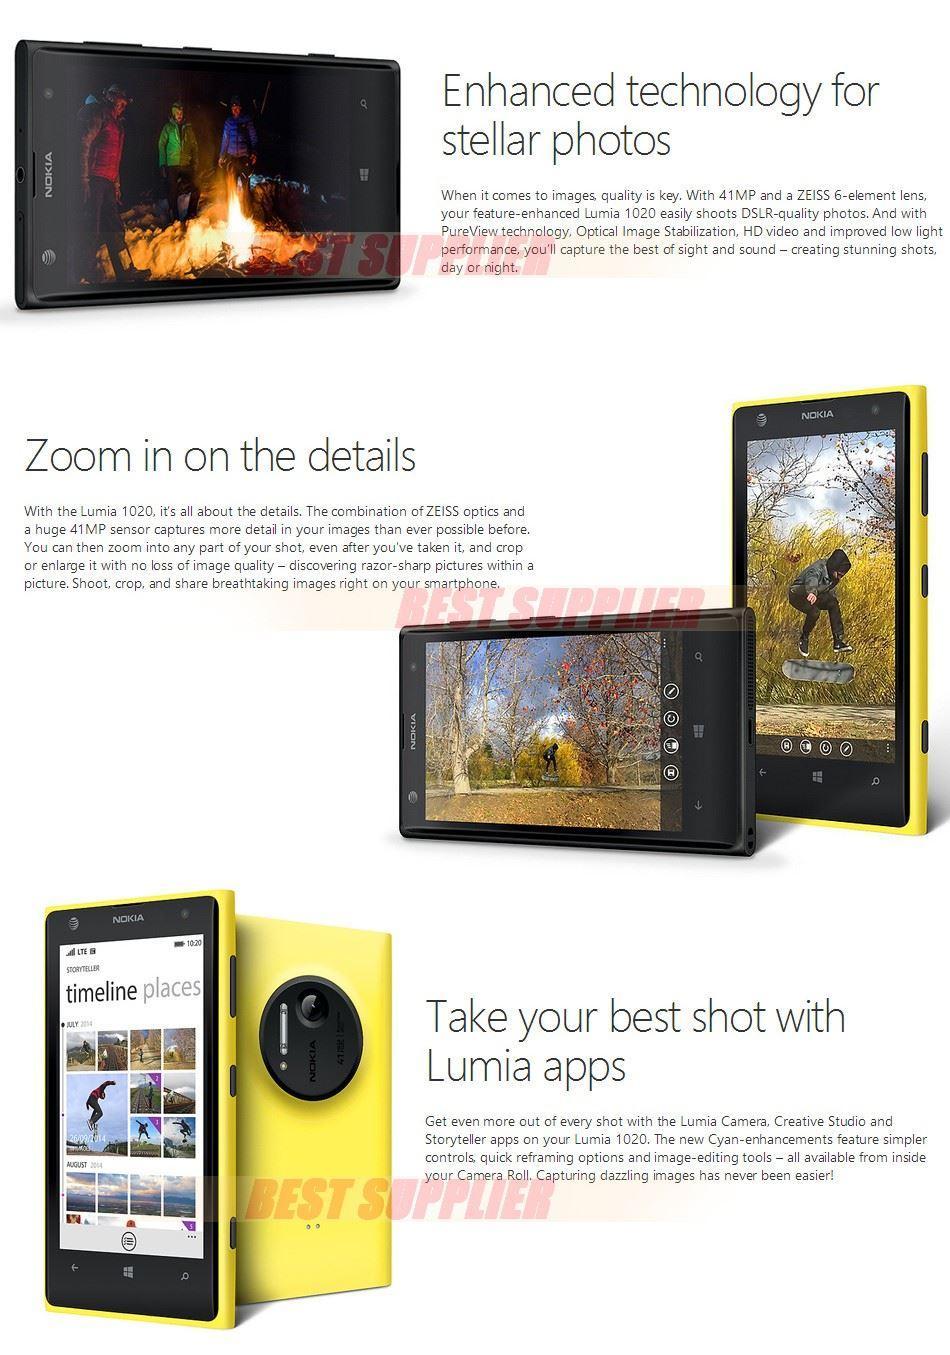 Nokia-lumia-1020_02